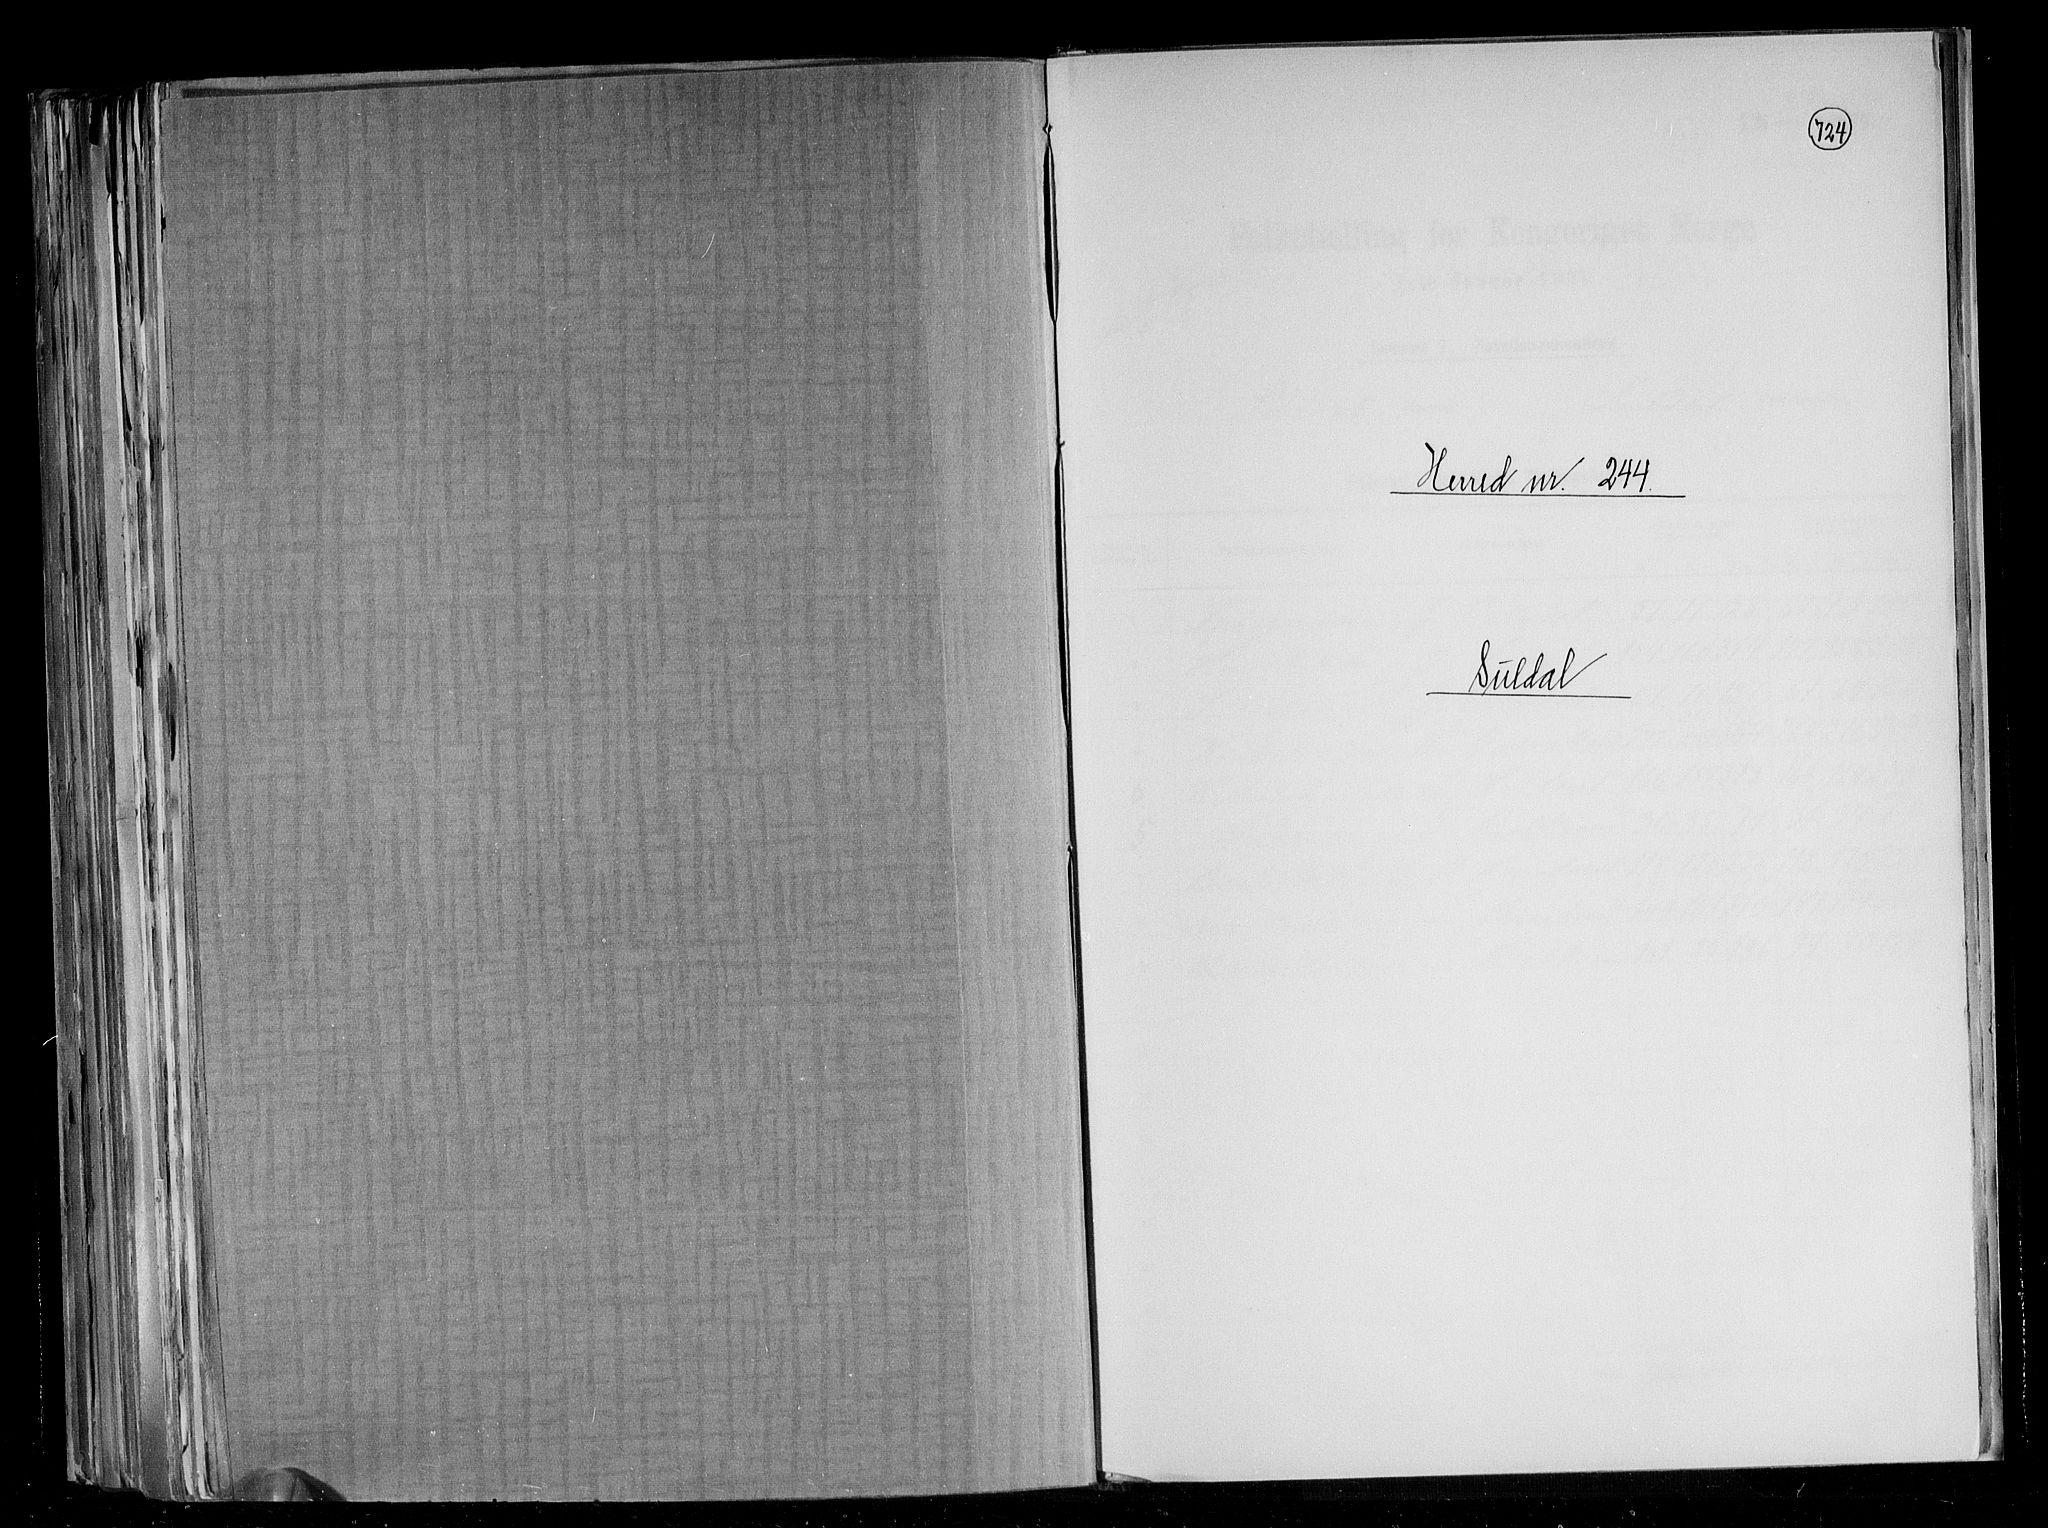 RA, Folketelling 1891 for 1134 Suldal herred, 1891, s. 1